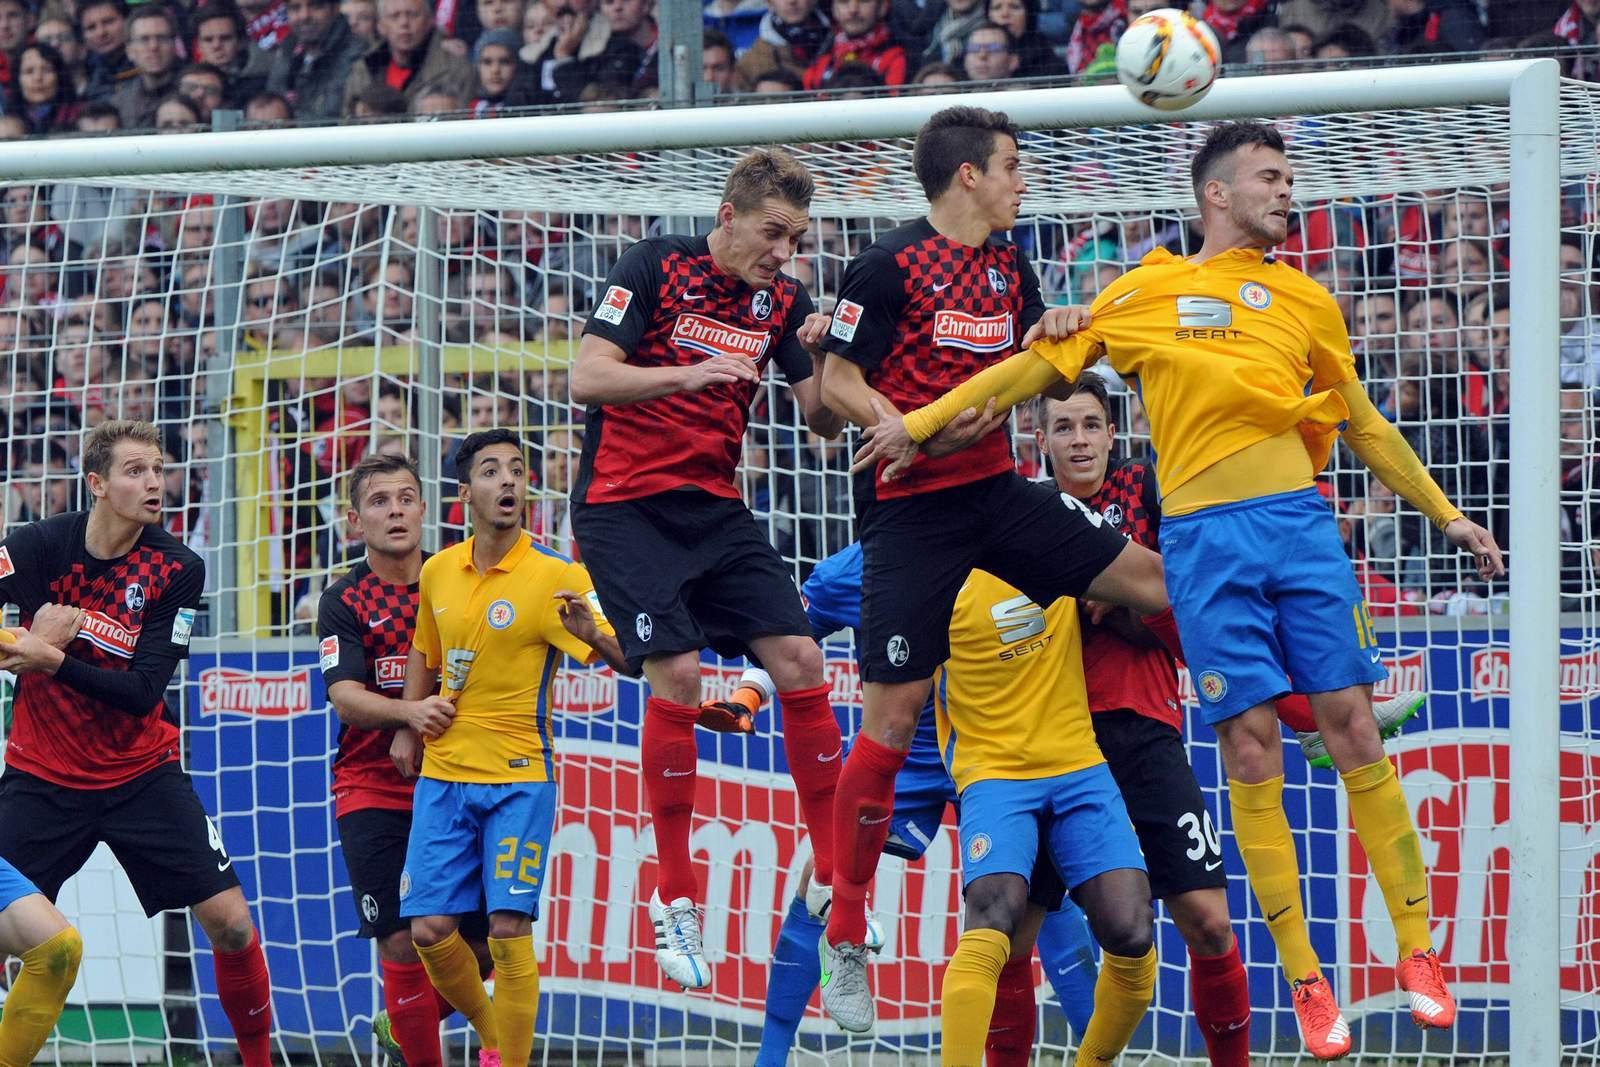 Trifft Petersen per Kopf? Unser Tipp: Freiburg gewinnt gegen Braunschweig